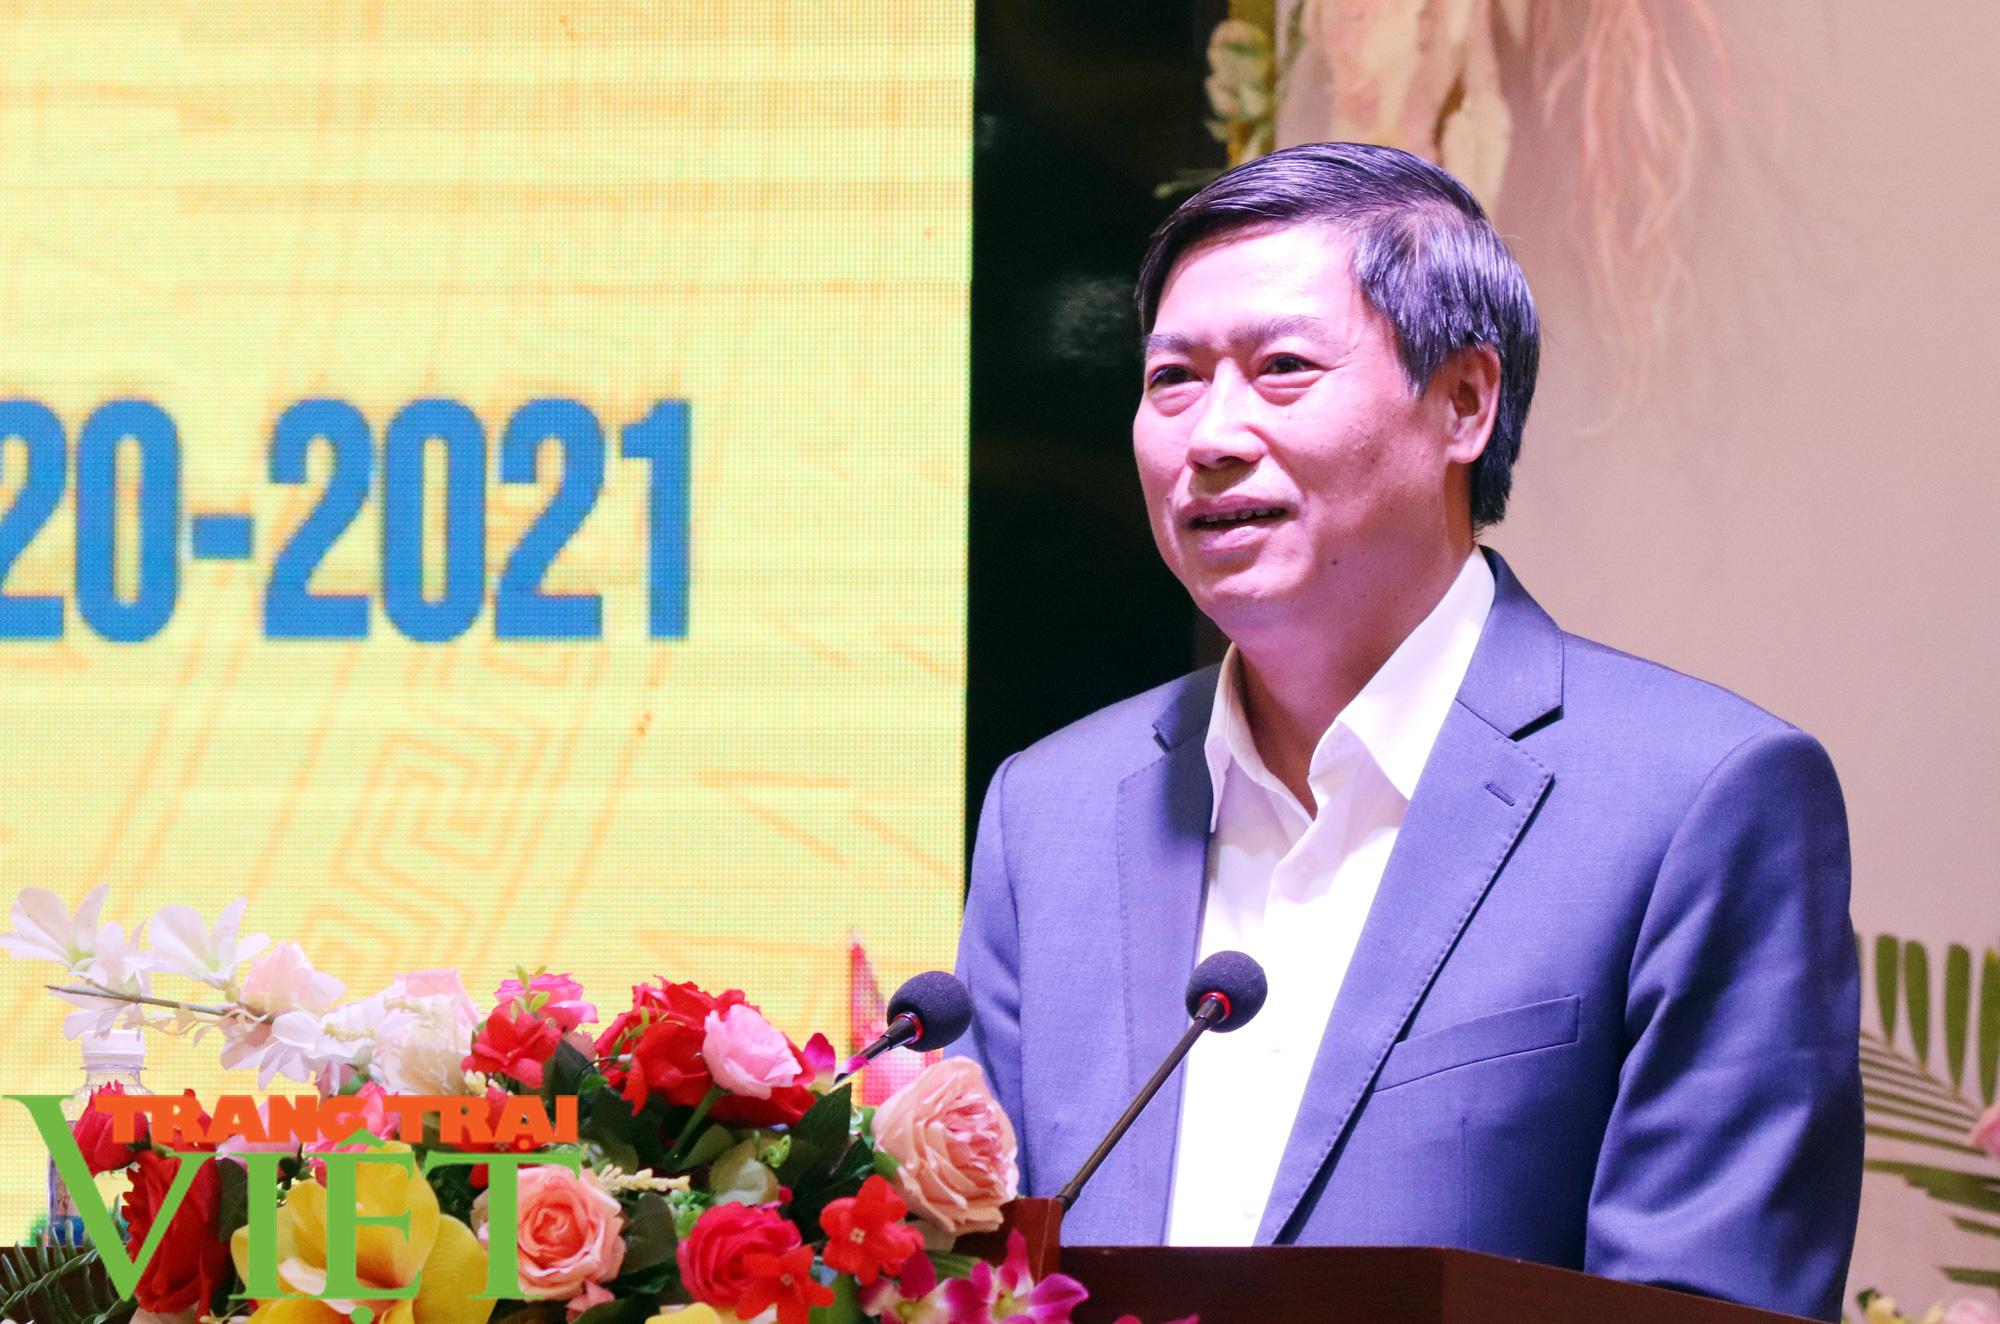 Xây dựng tỉnh Sơn La thành trung tâm giáo dục đào tạo của vùng Tây Bắc - Ảnh 3.